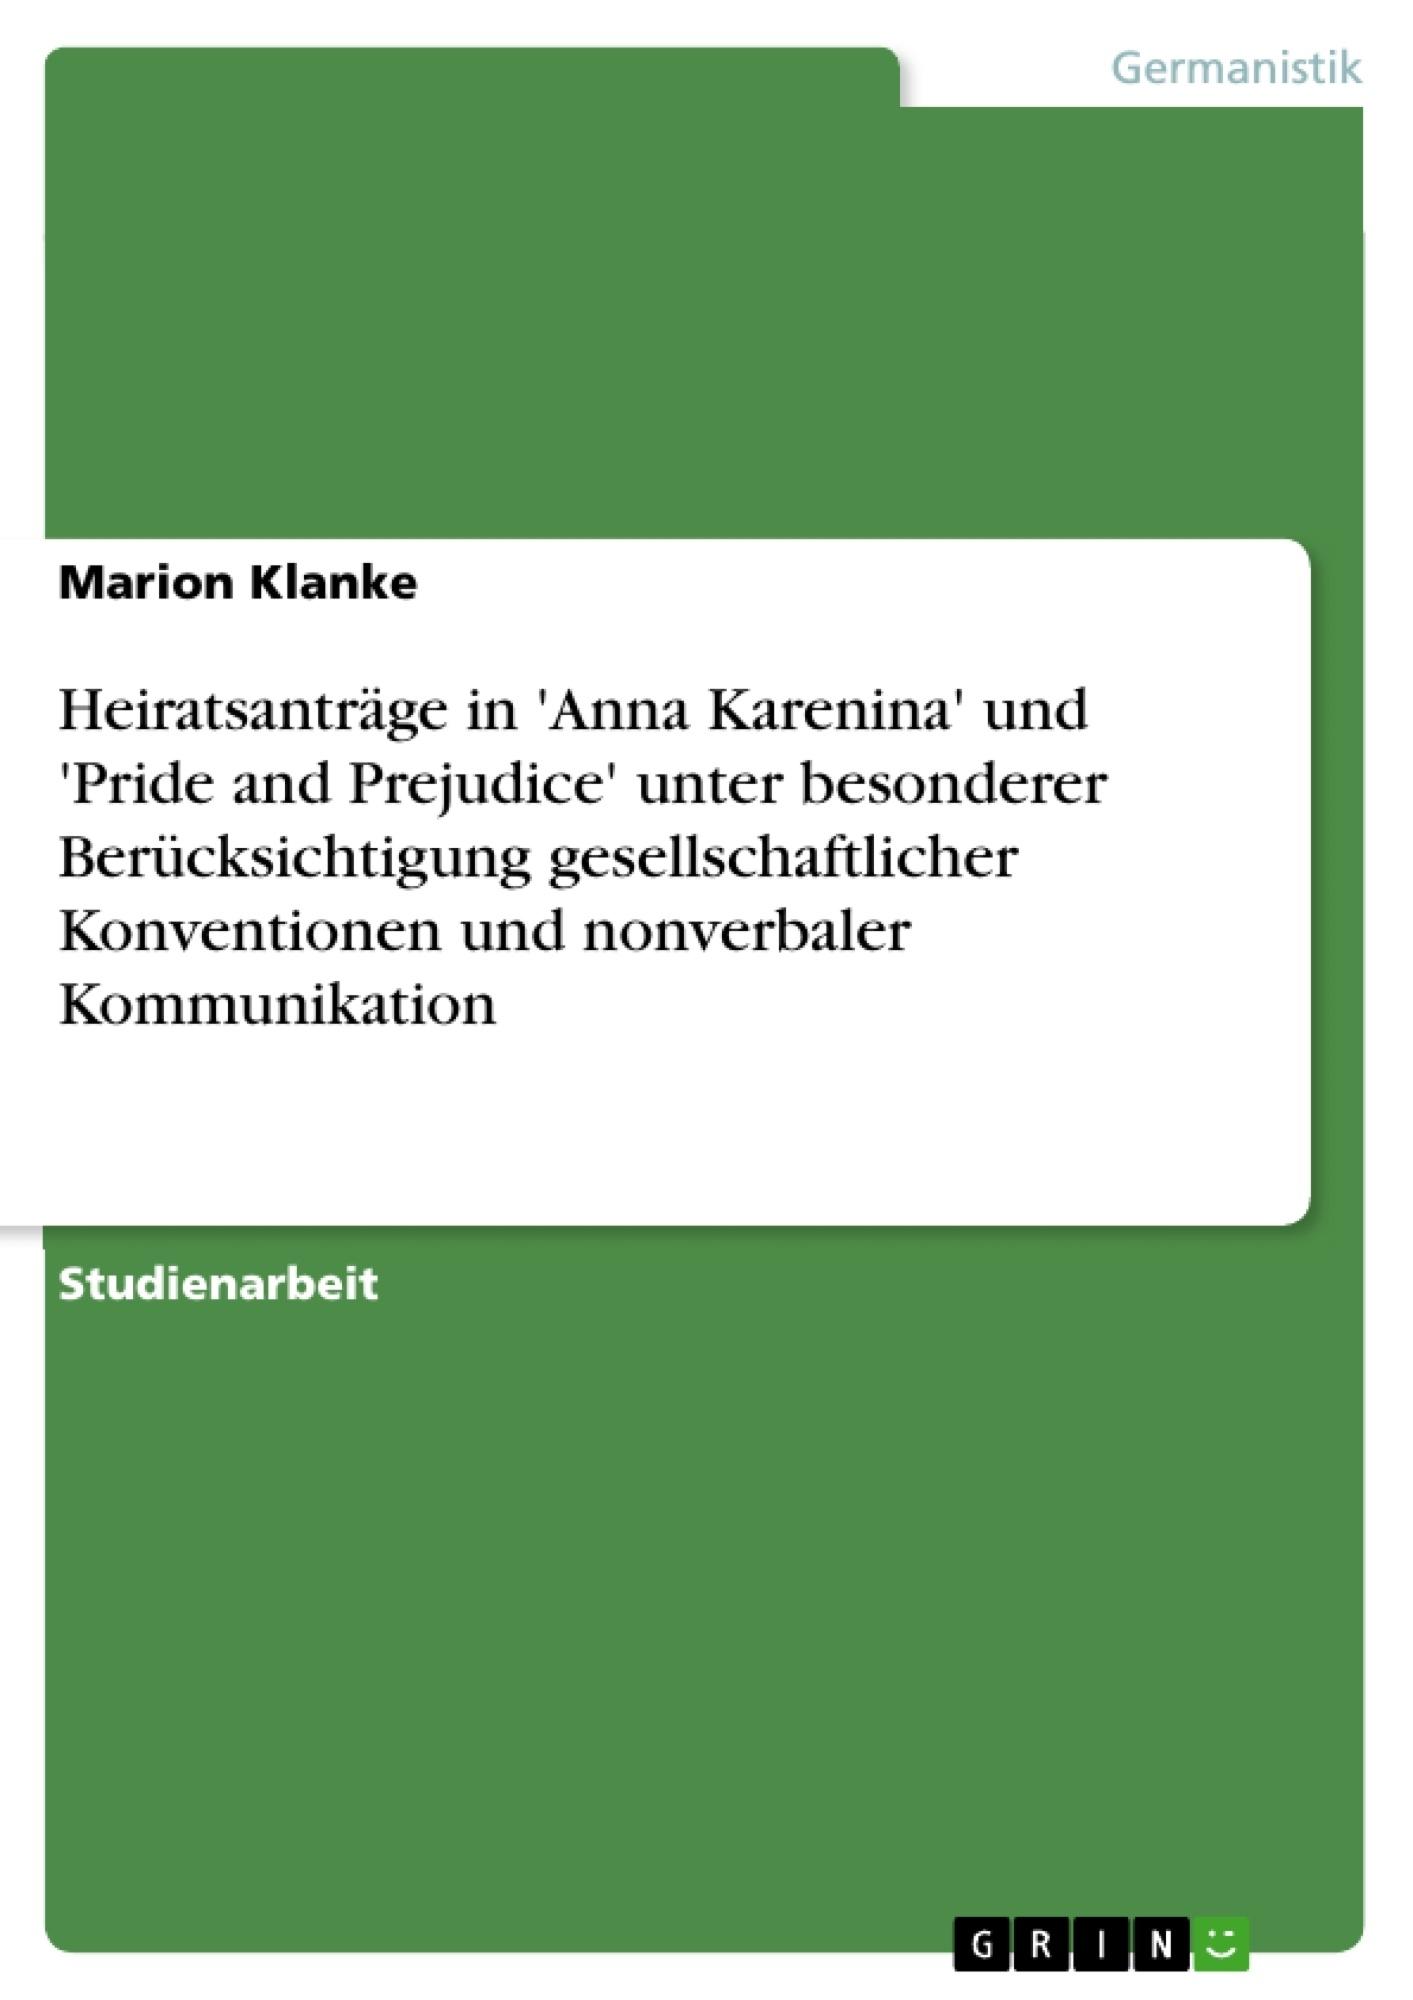 Titel: Heiratsanträge in 'Anna Karenina' und 'Pride and Prejudice' unter besonderer Berücksichtigung gesellschaftlicher Konventionen und nonverbaler Kommunikation